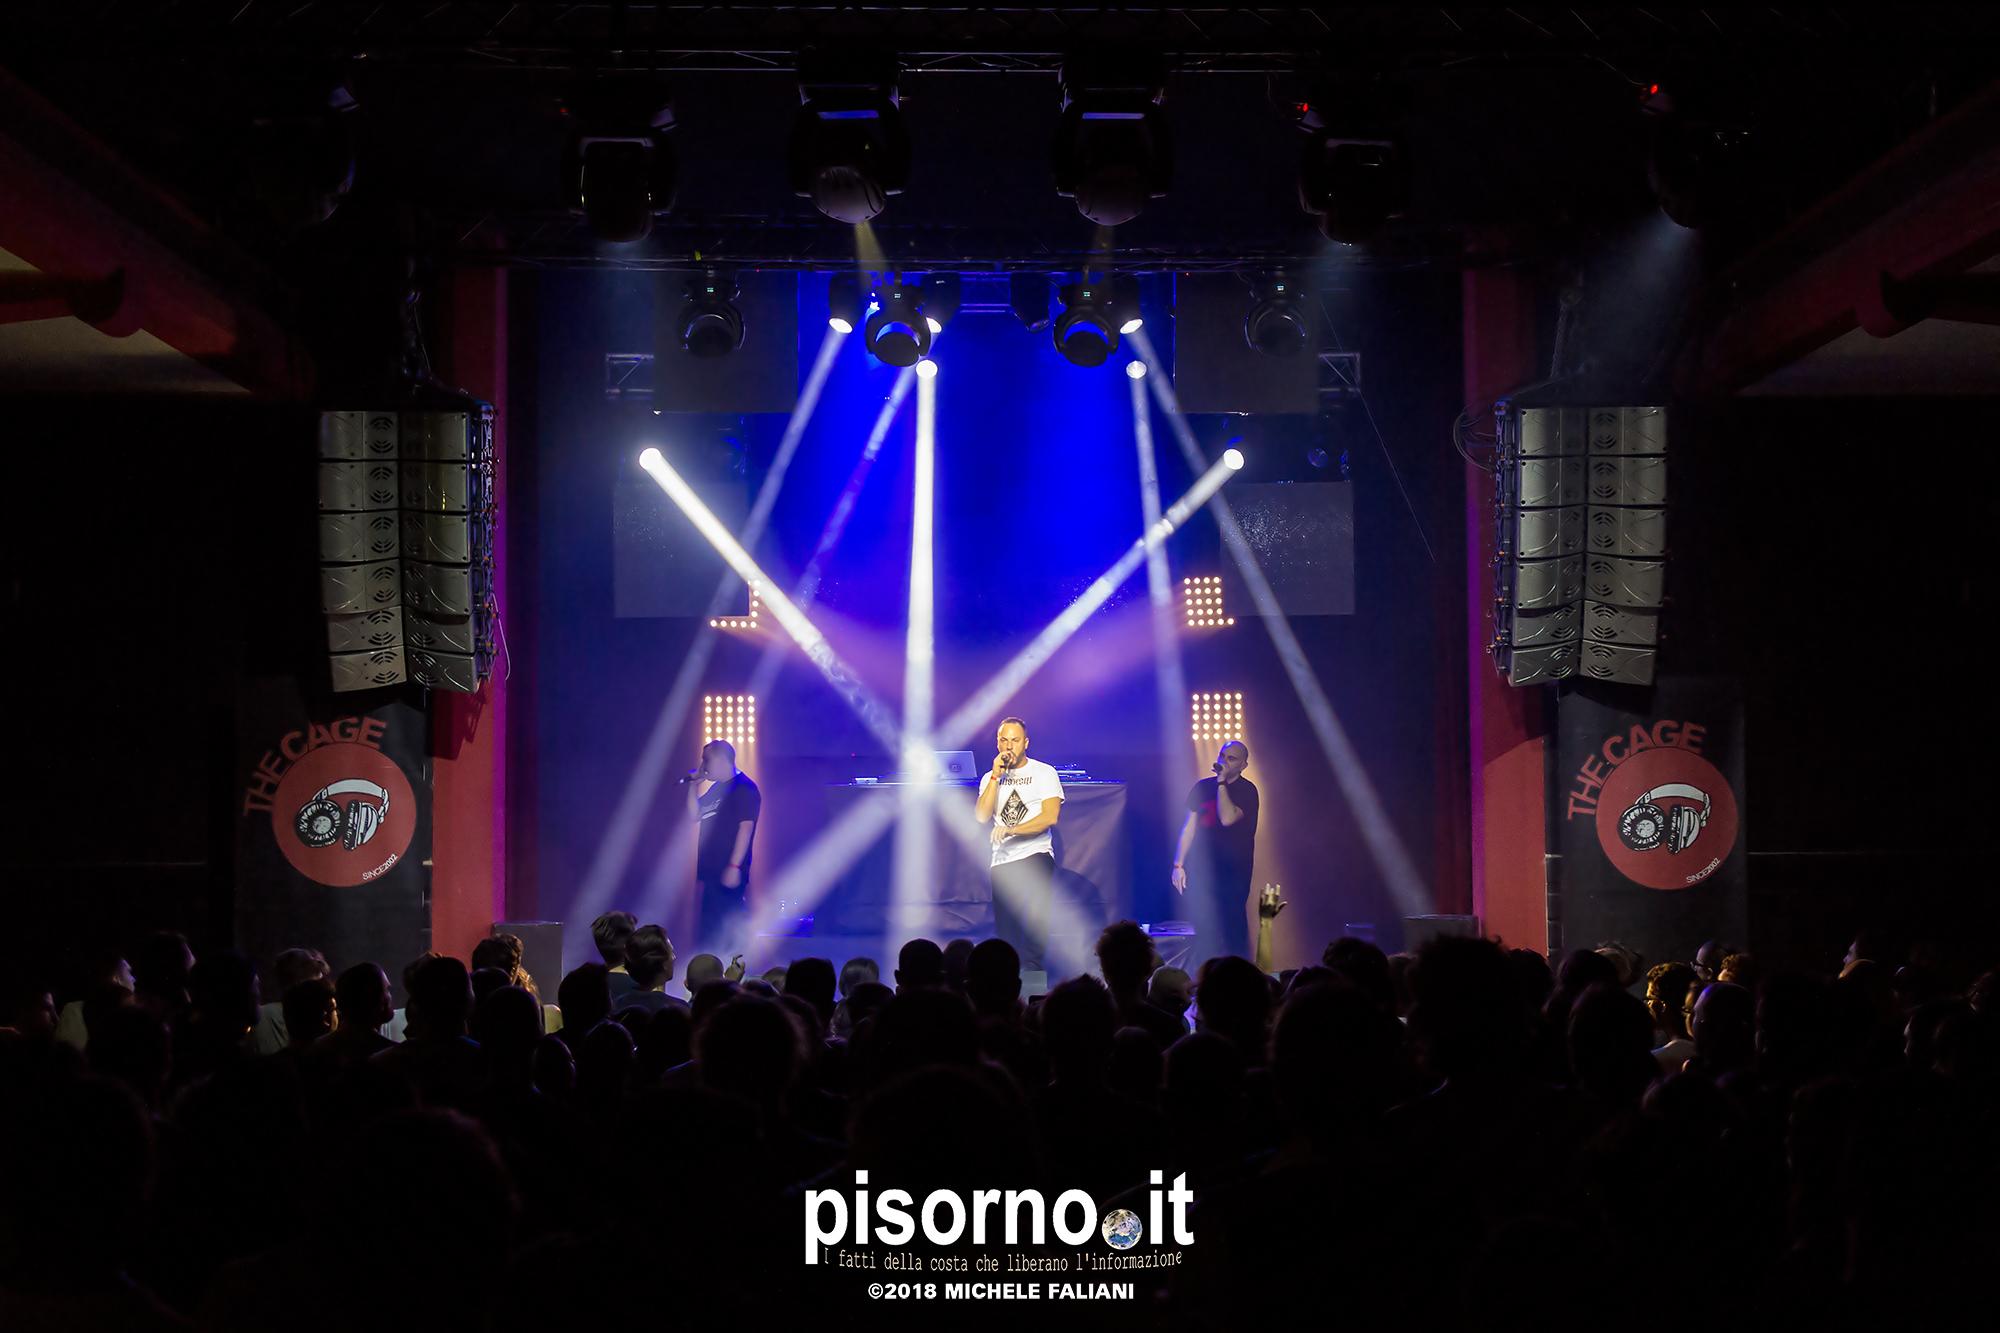 Murubutu live @ The Cage Theatre (Livorno, Italy), Oct 20th 2018